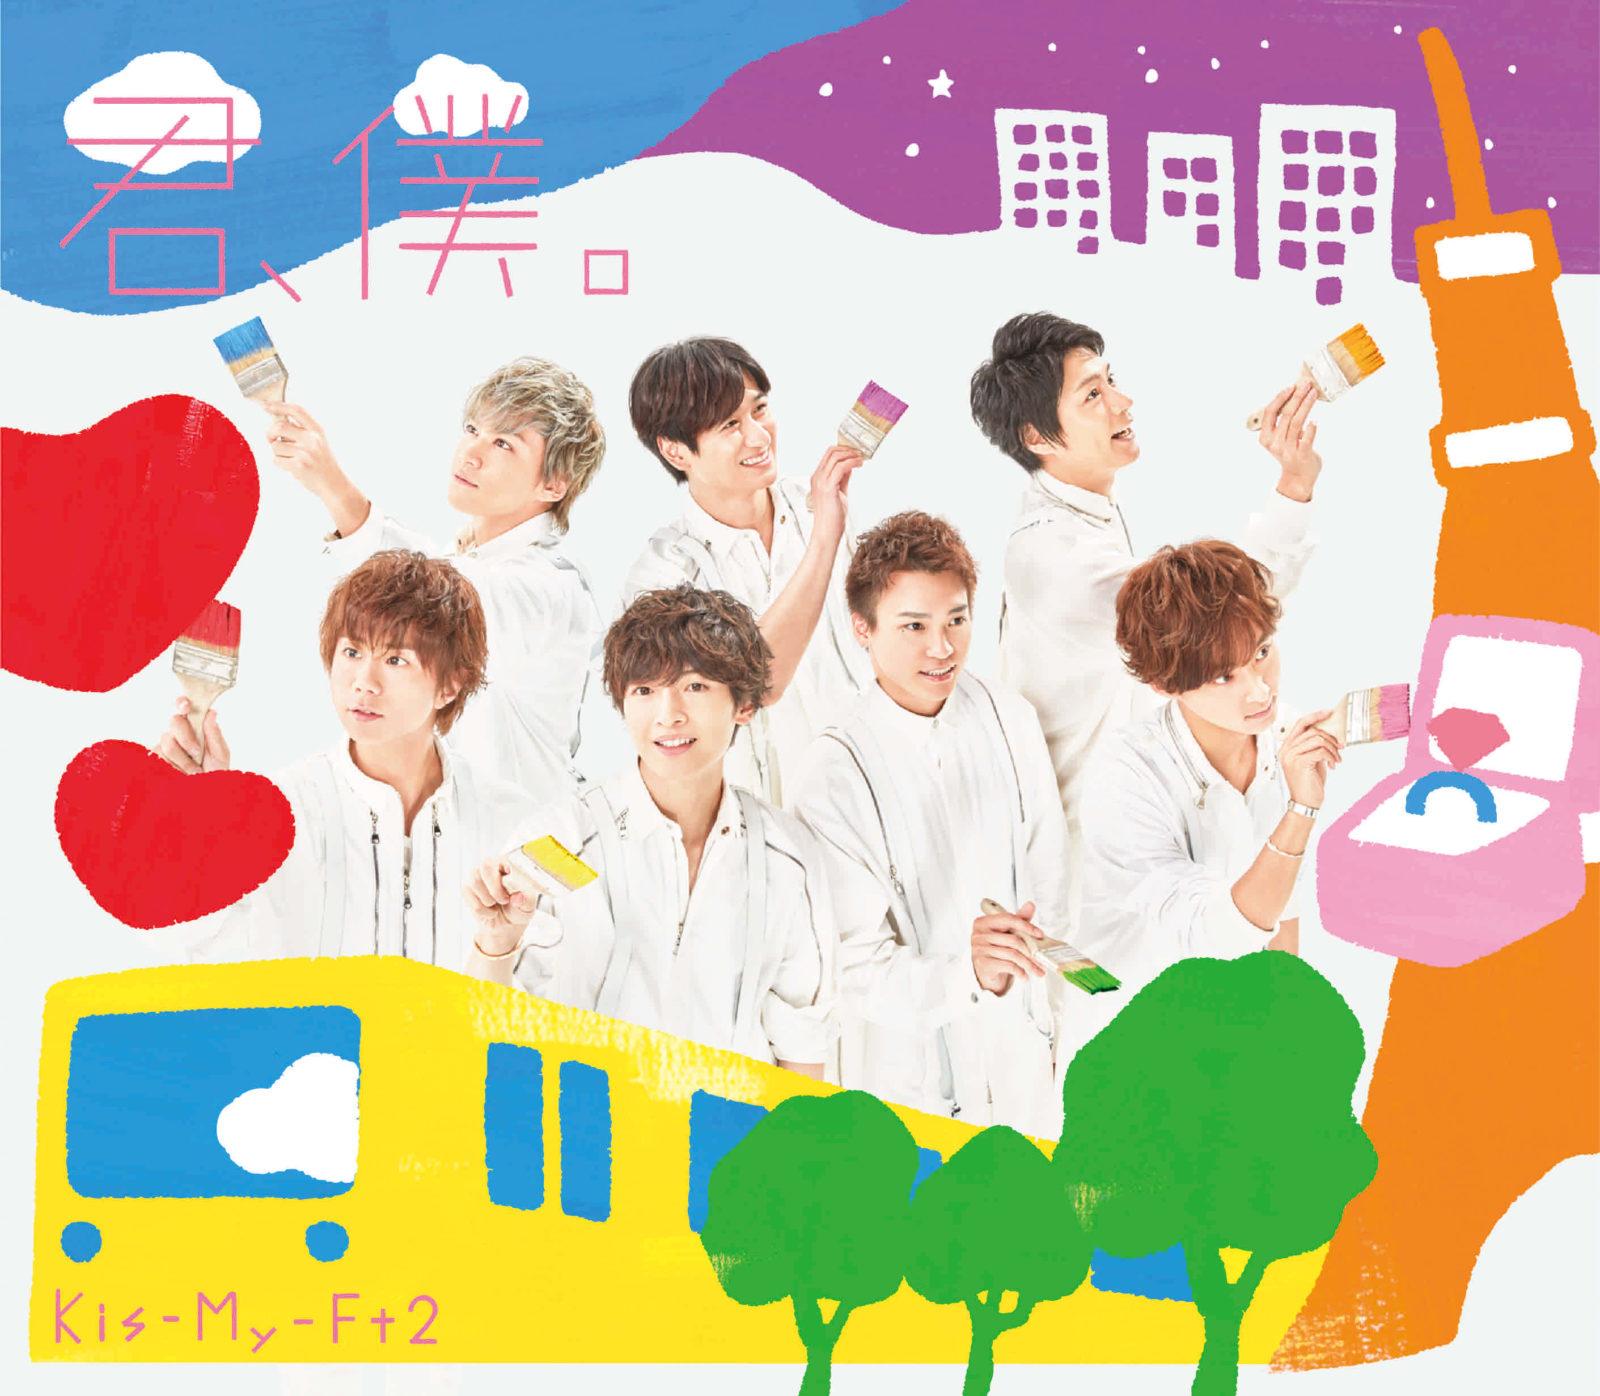 Kis-My-Ft2、最新シングル「君、僕。」が本人出演のCMソングに決定サムネイル画像